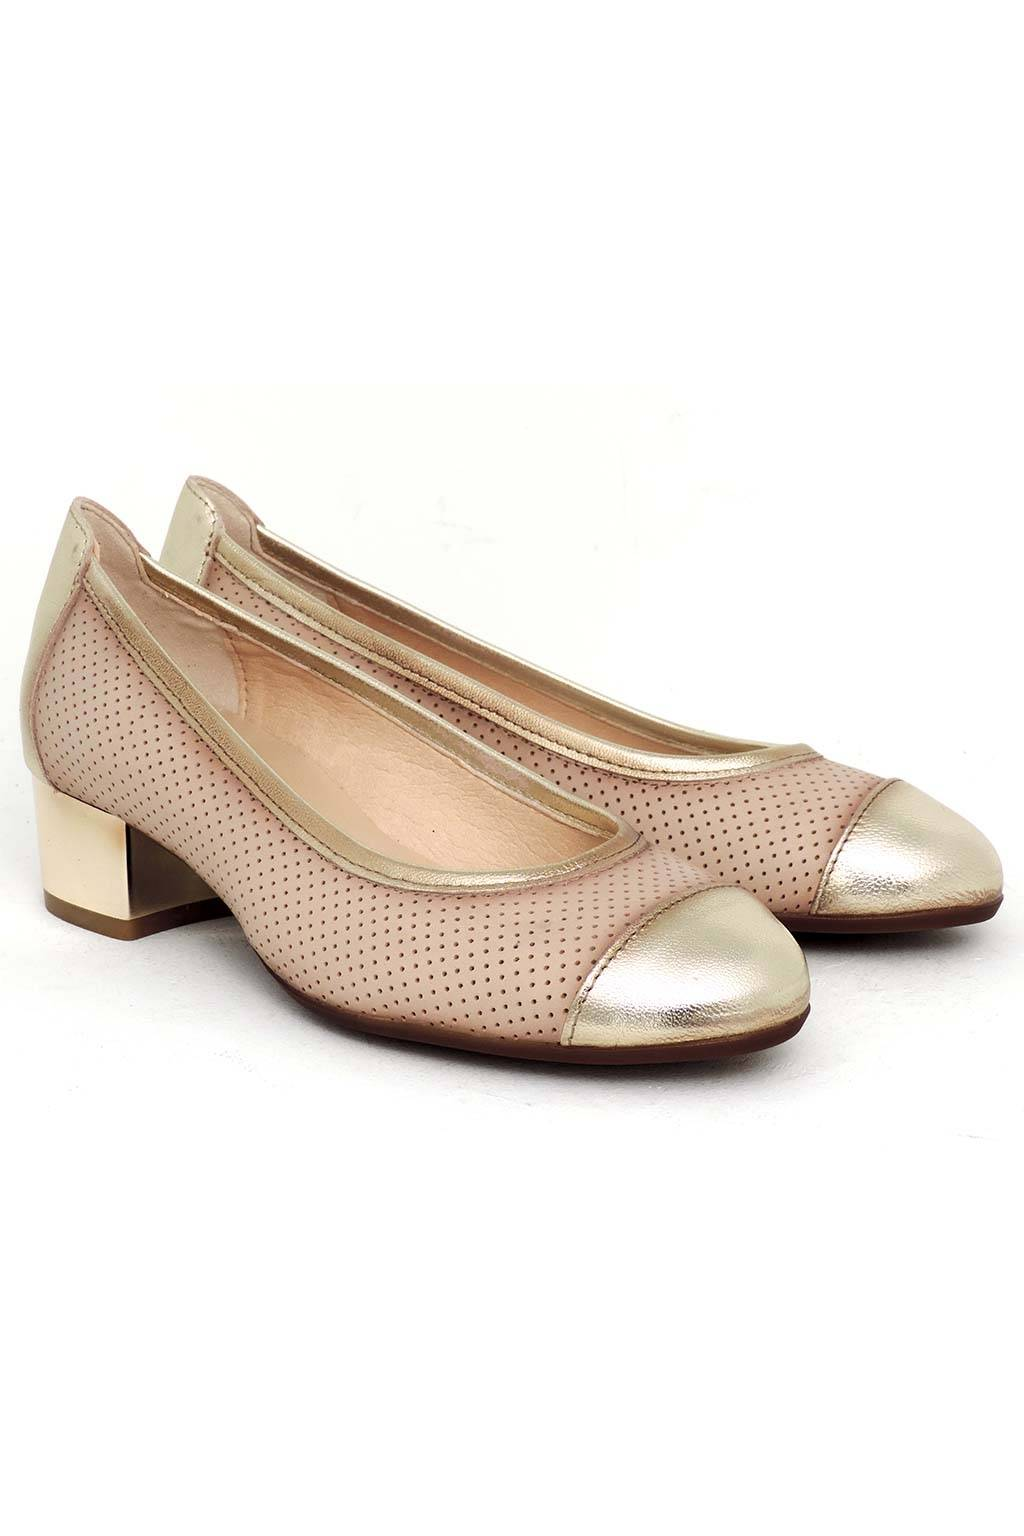 Zapato piel tacón medio